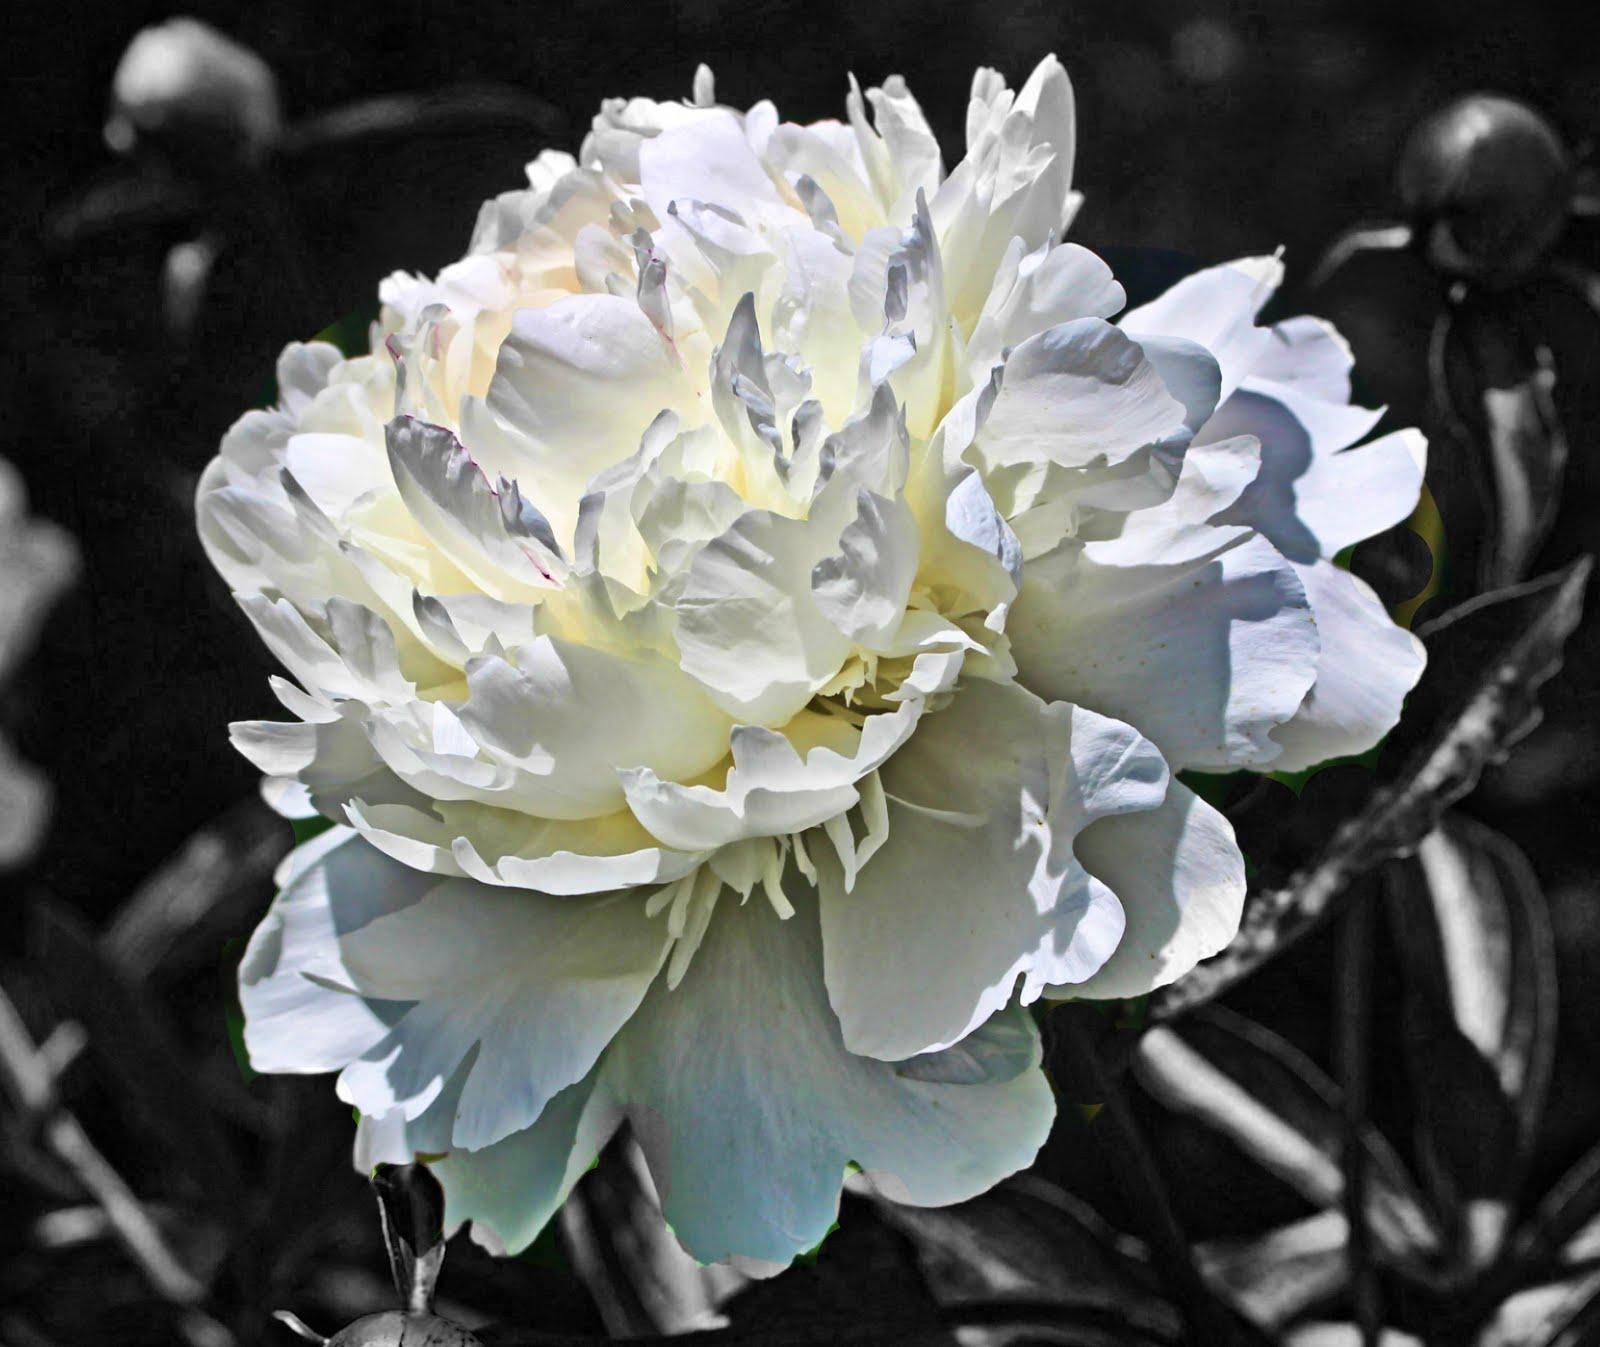 Photohack Smith Castle White Garden Flower In Black And White